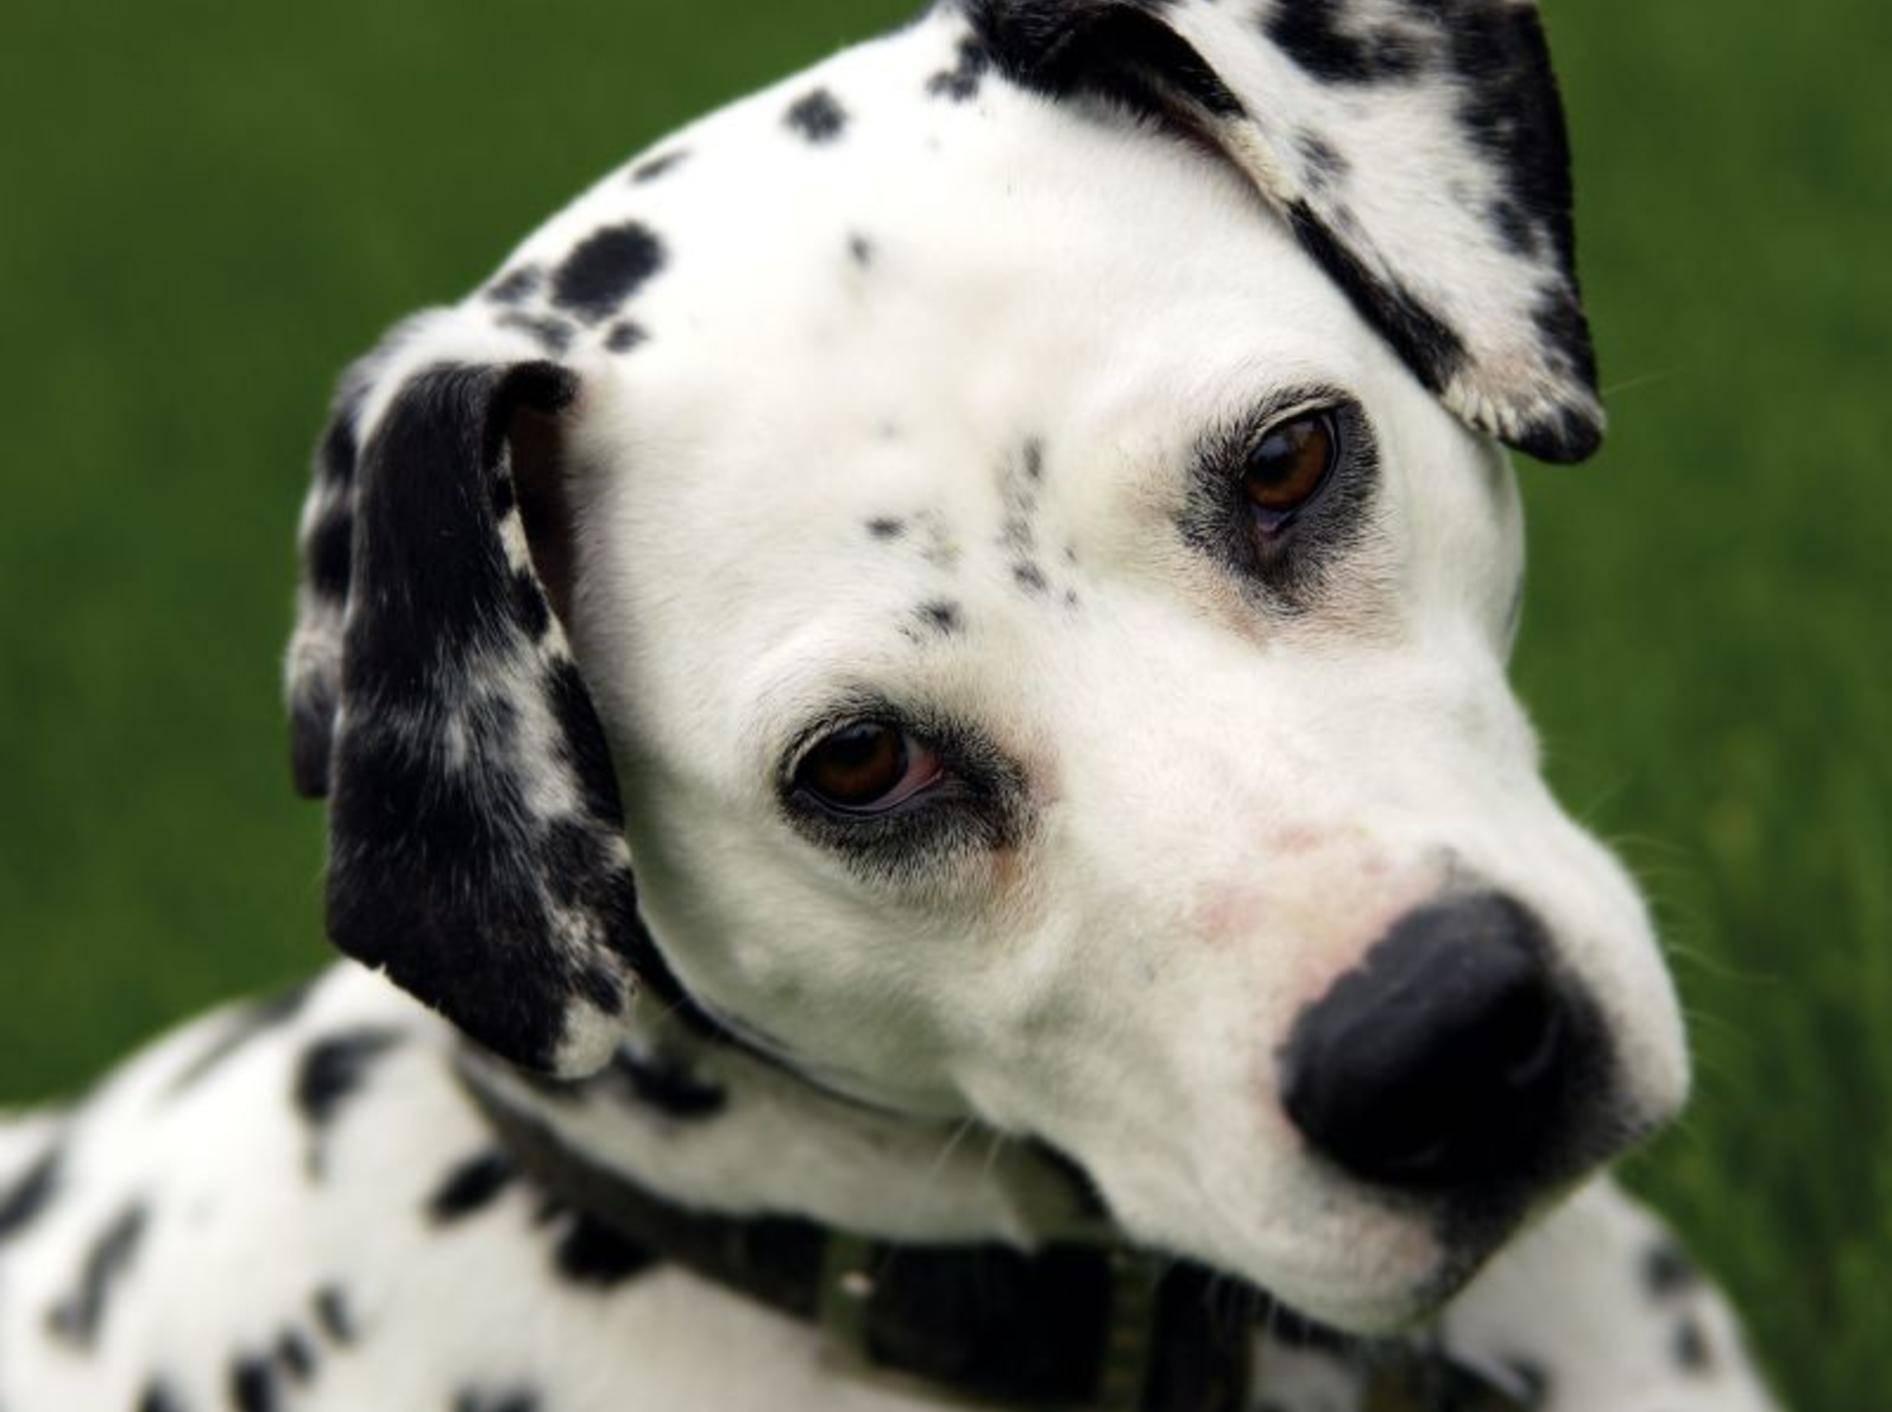 Treue Hundeaugen: In den Dalmatiner muss man sich einfach verlieben! — Bild: Shutterstock / GWImages